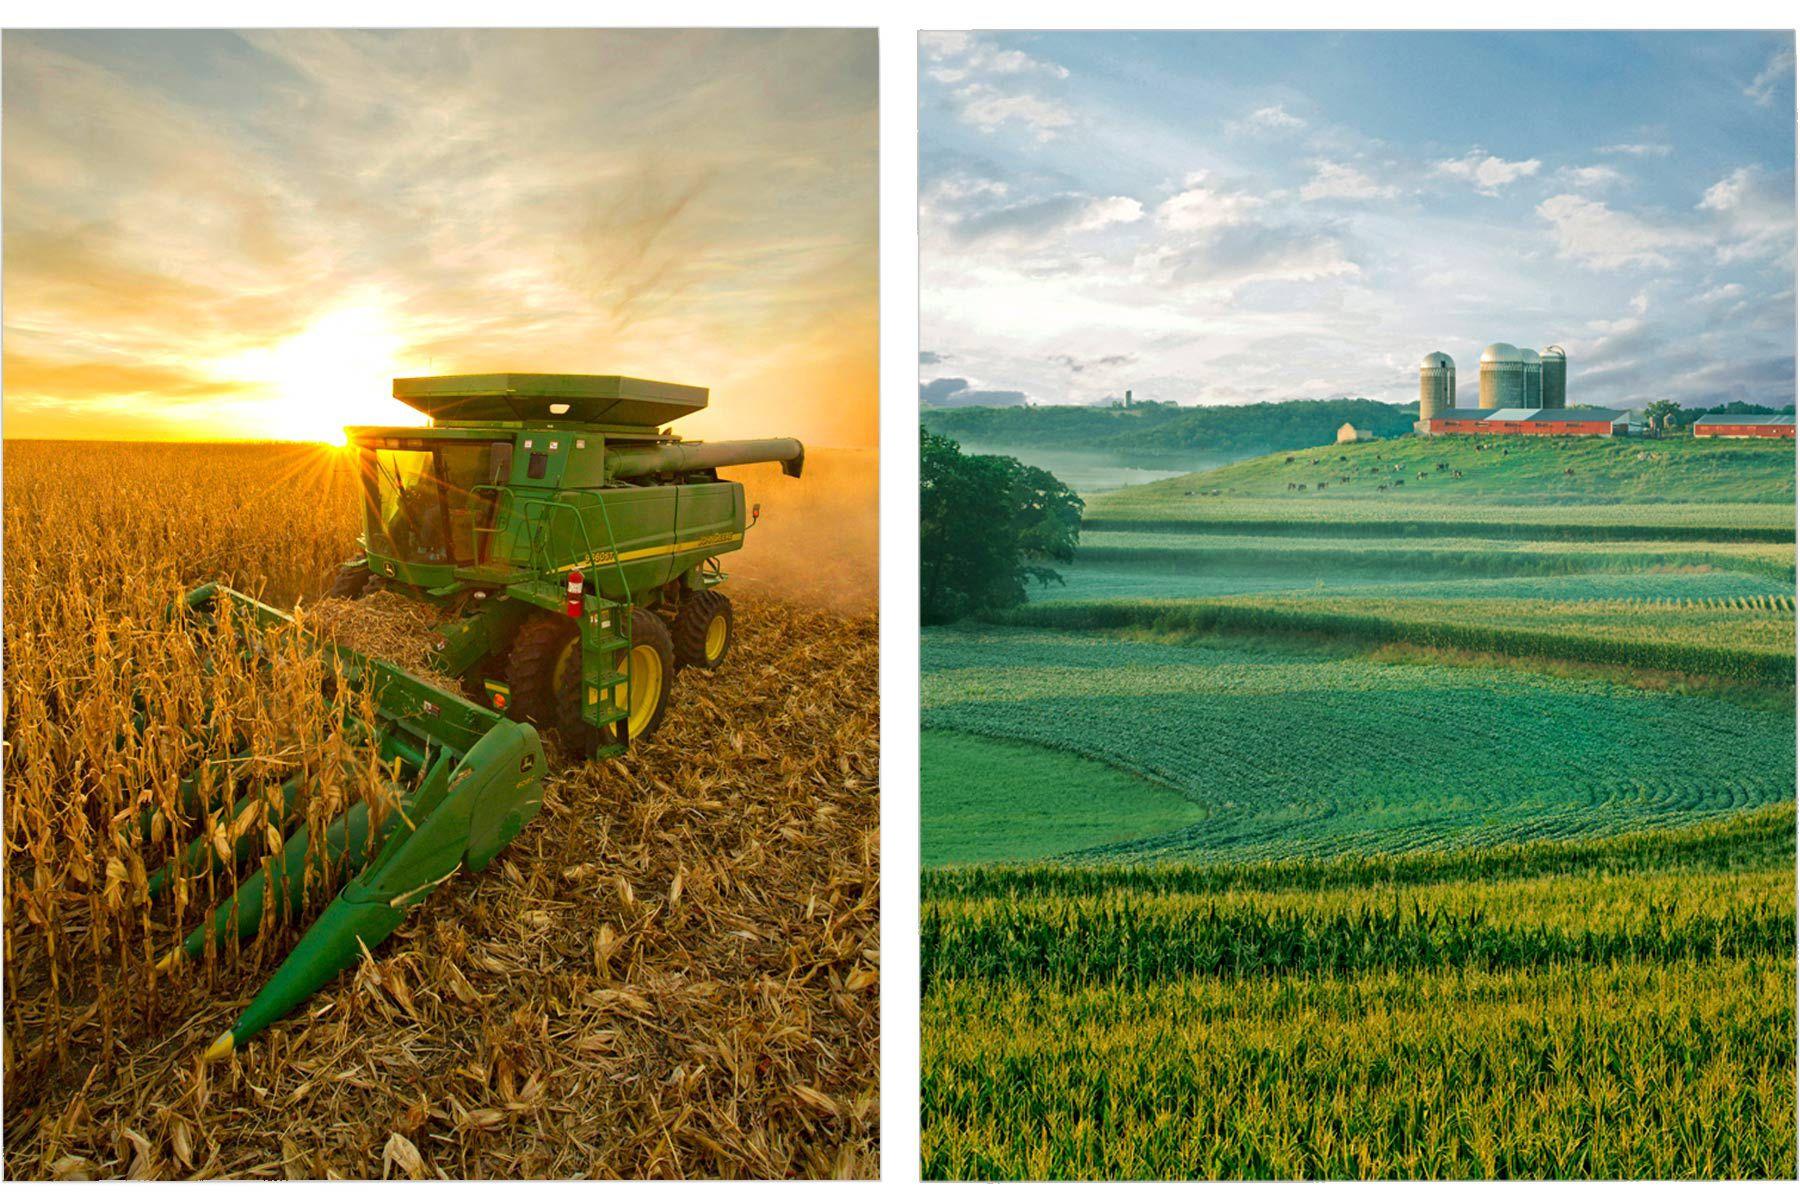 Fall Evening Harvest / Summer Fields of Green